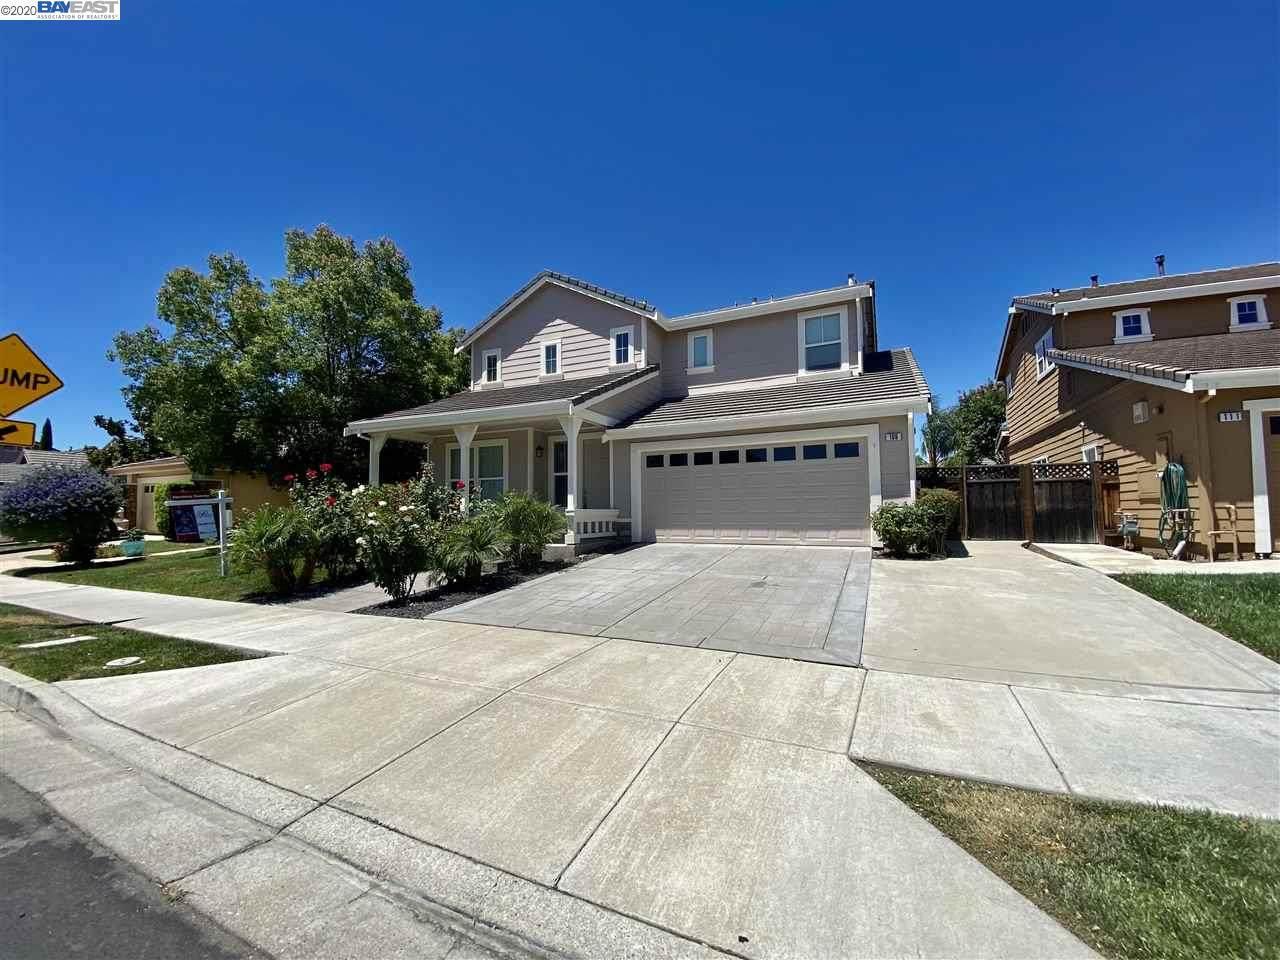 109 Havenwood Ave - Photo 1